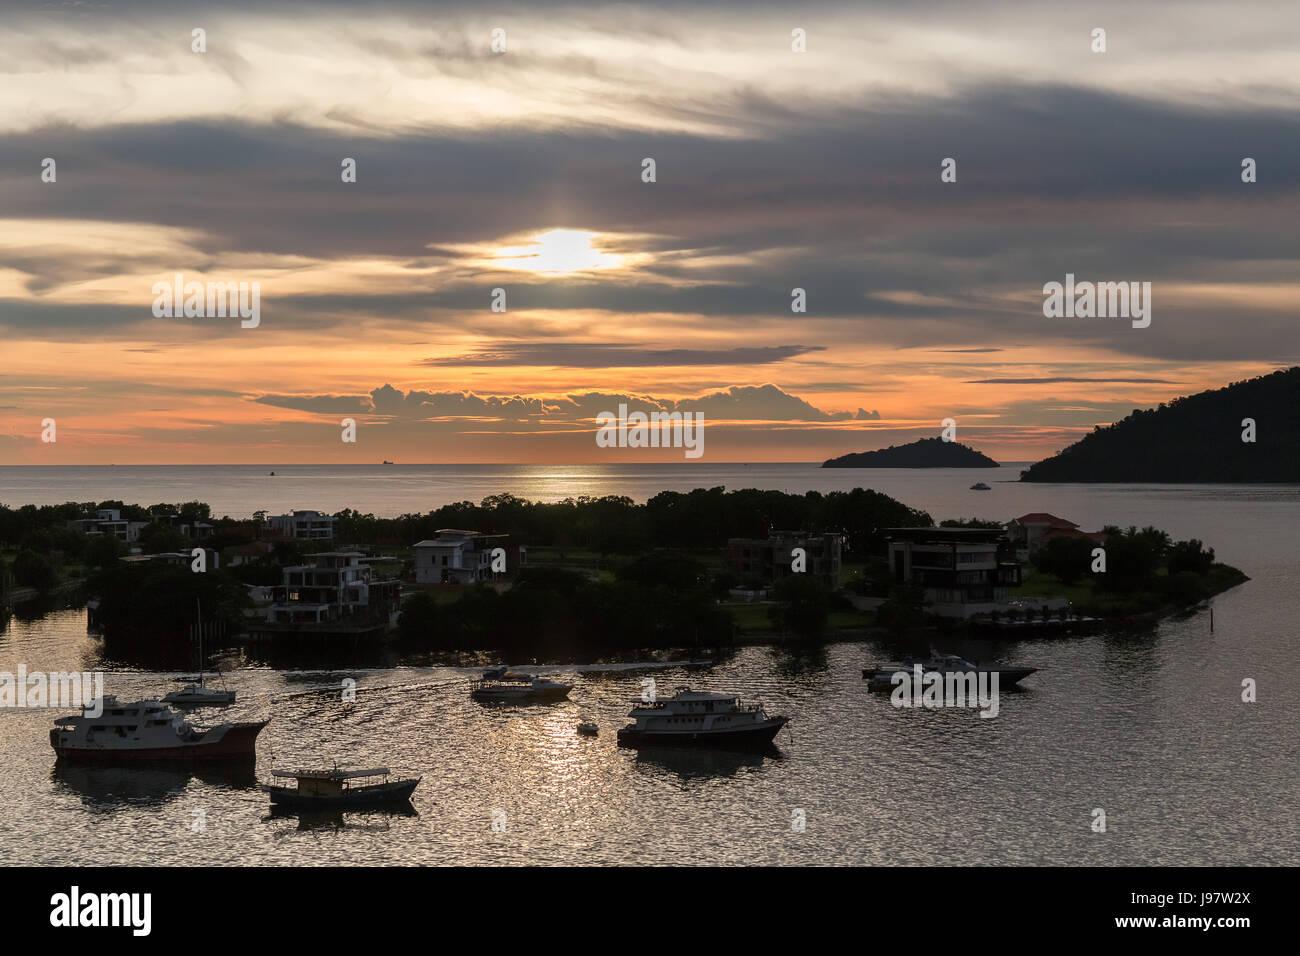 Sunset View at Kota Kinabalu, Sabah, Malaysia. - Stock Image